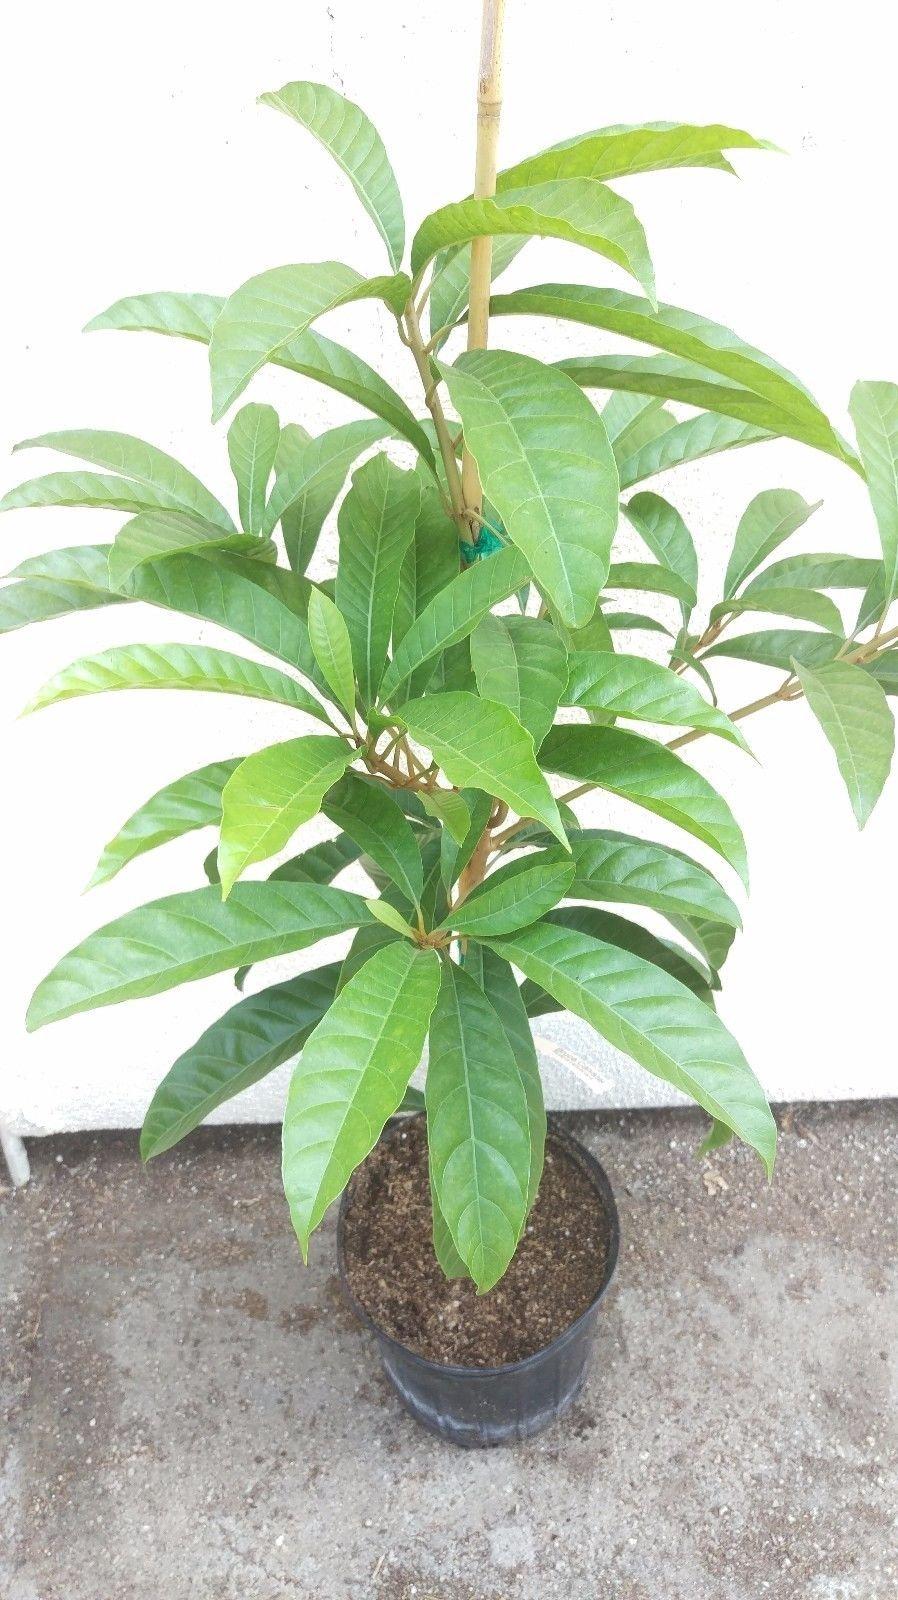 Bruce canistel (Eggfruit) Tropical Fruit Trees by bluestargarden168